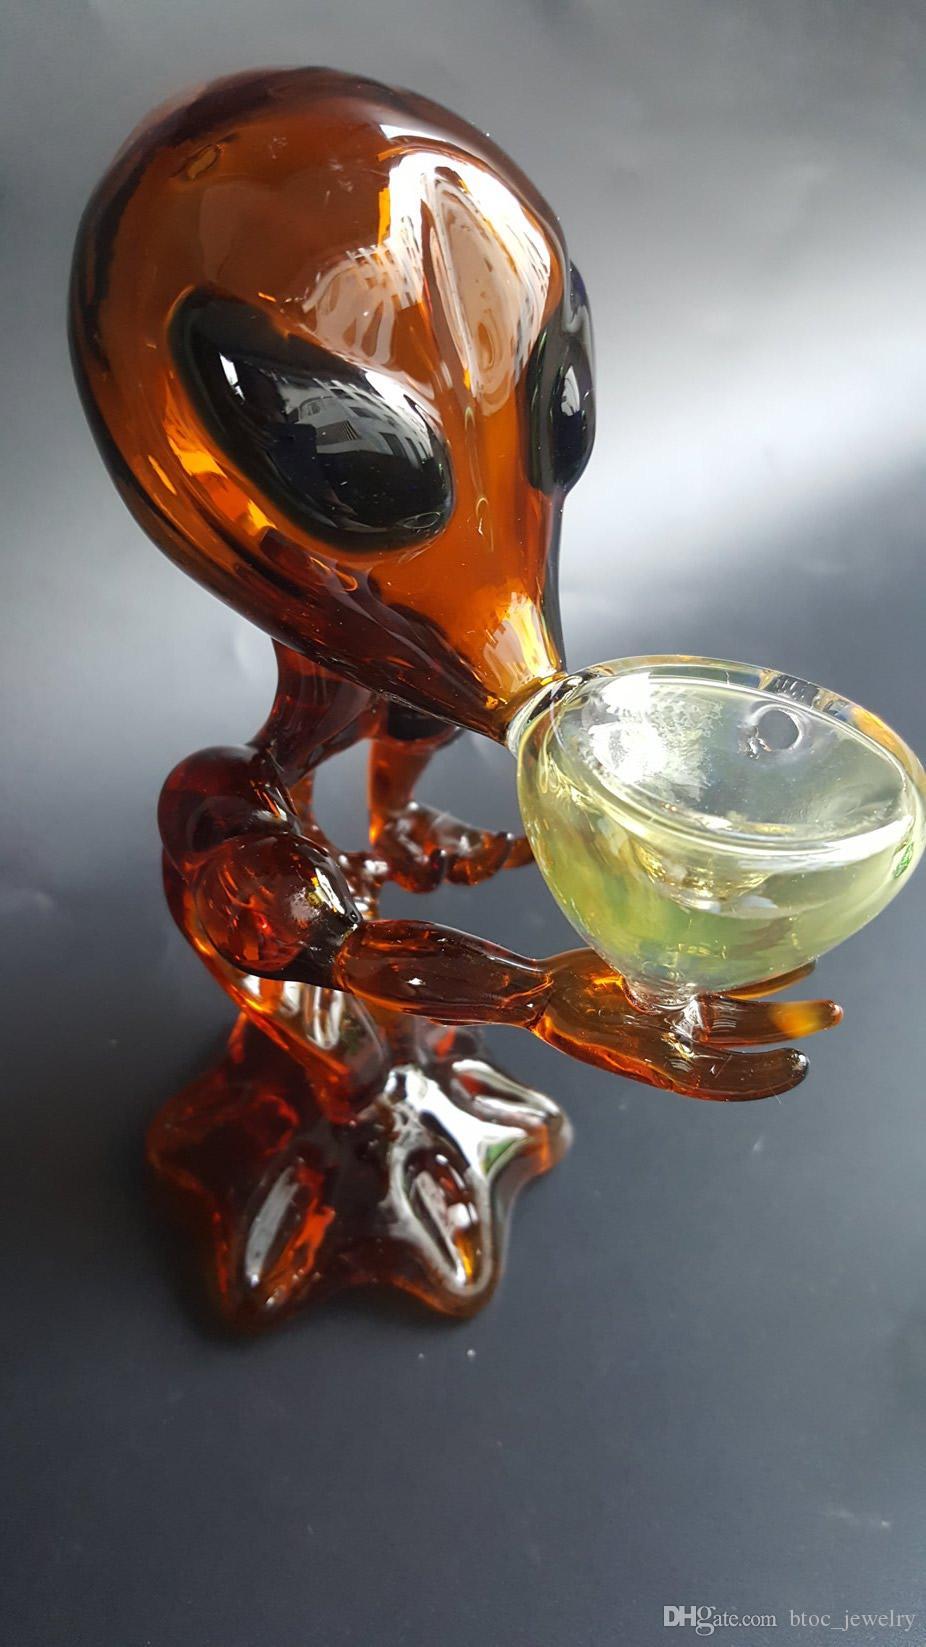 Green G Spot Tubi di vetro alieno Tubi di vetro fumanti vetro gorgogliatori G88 giallo